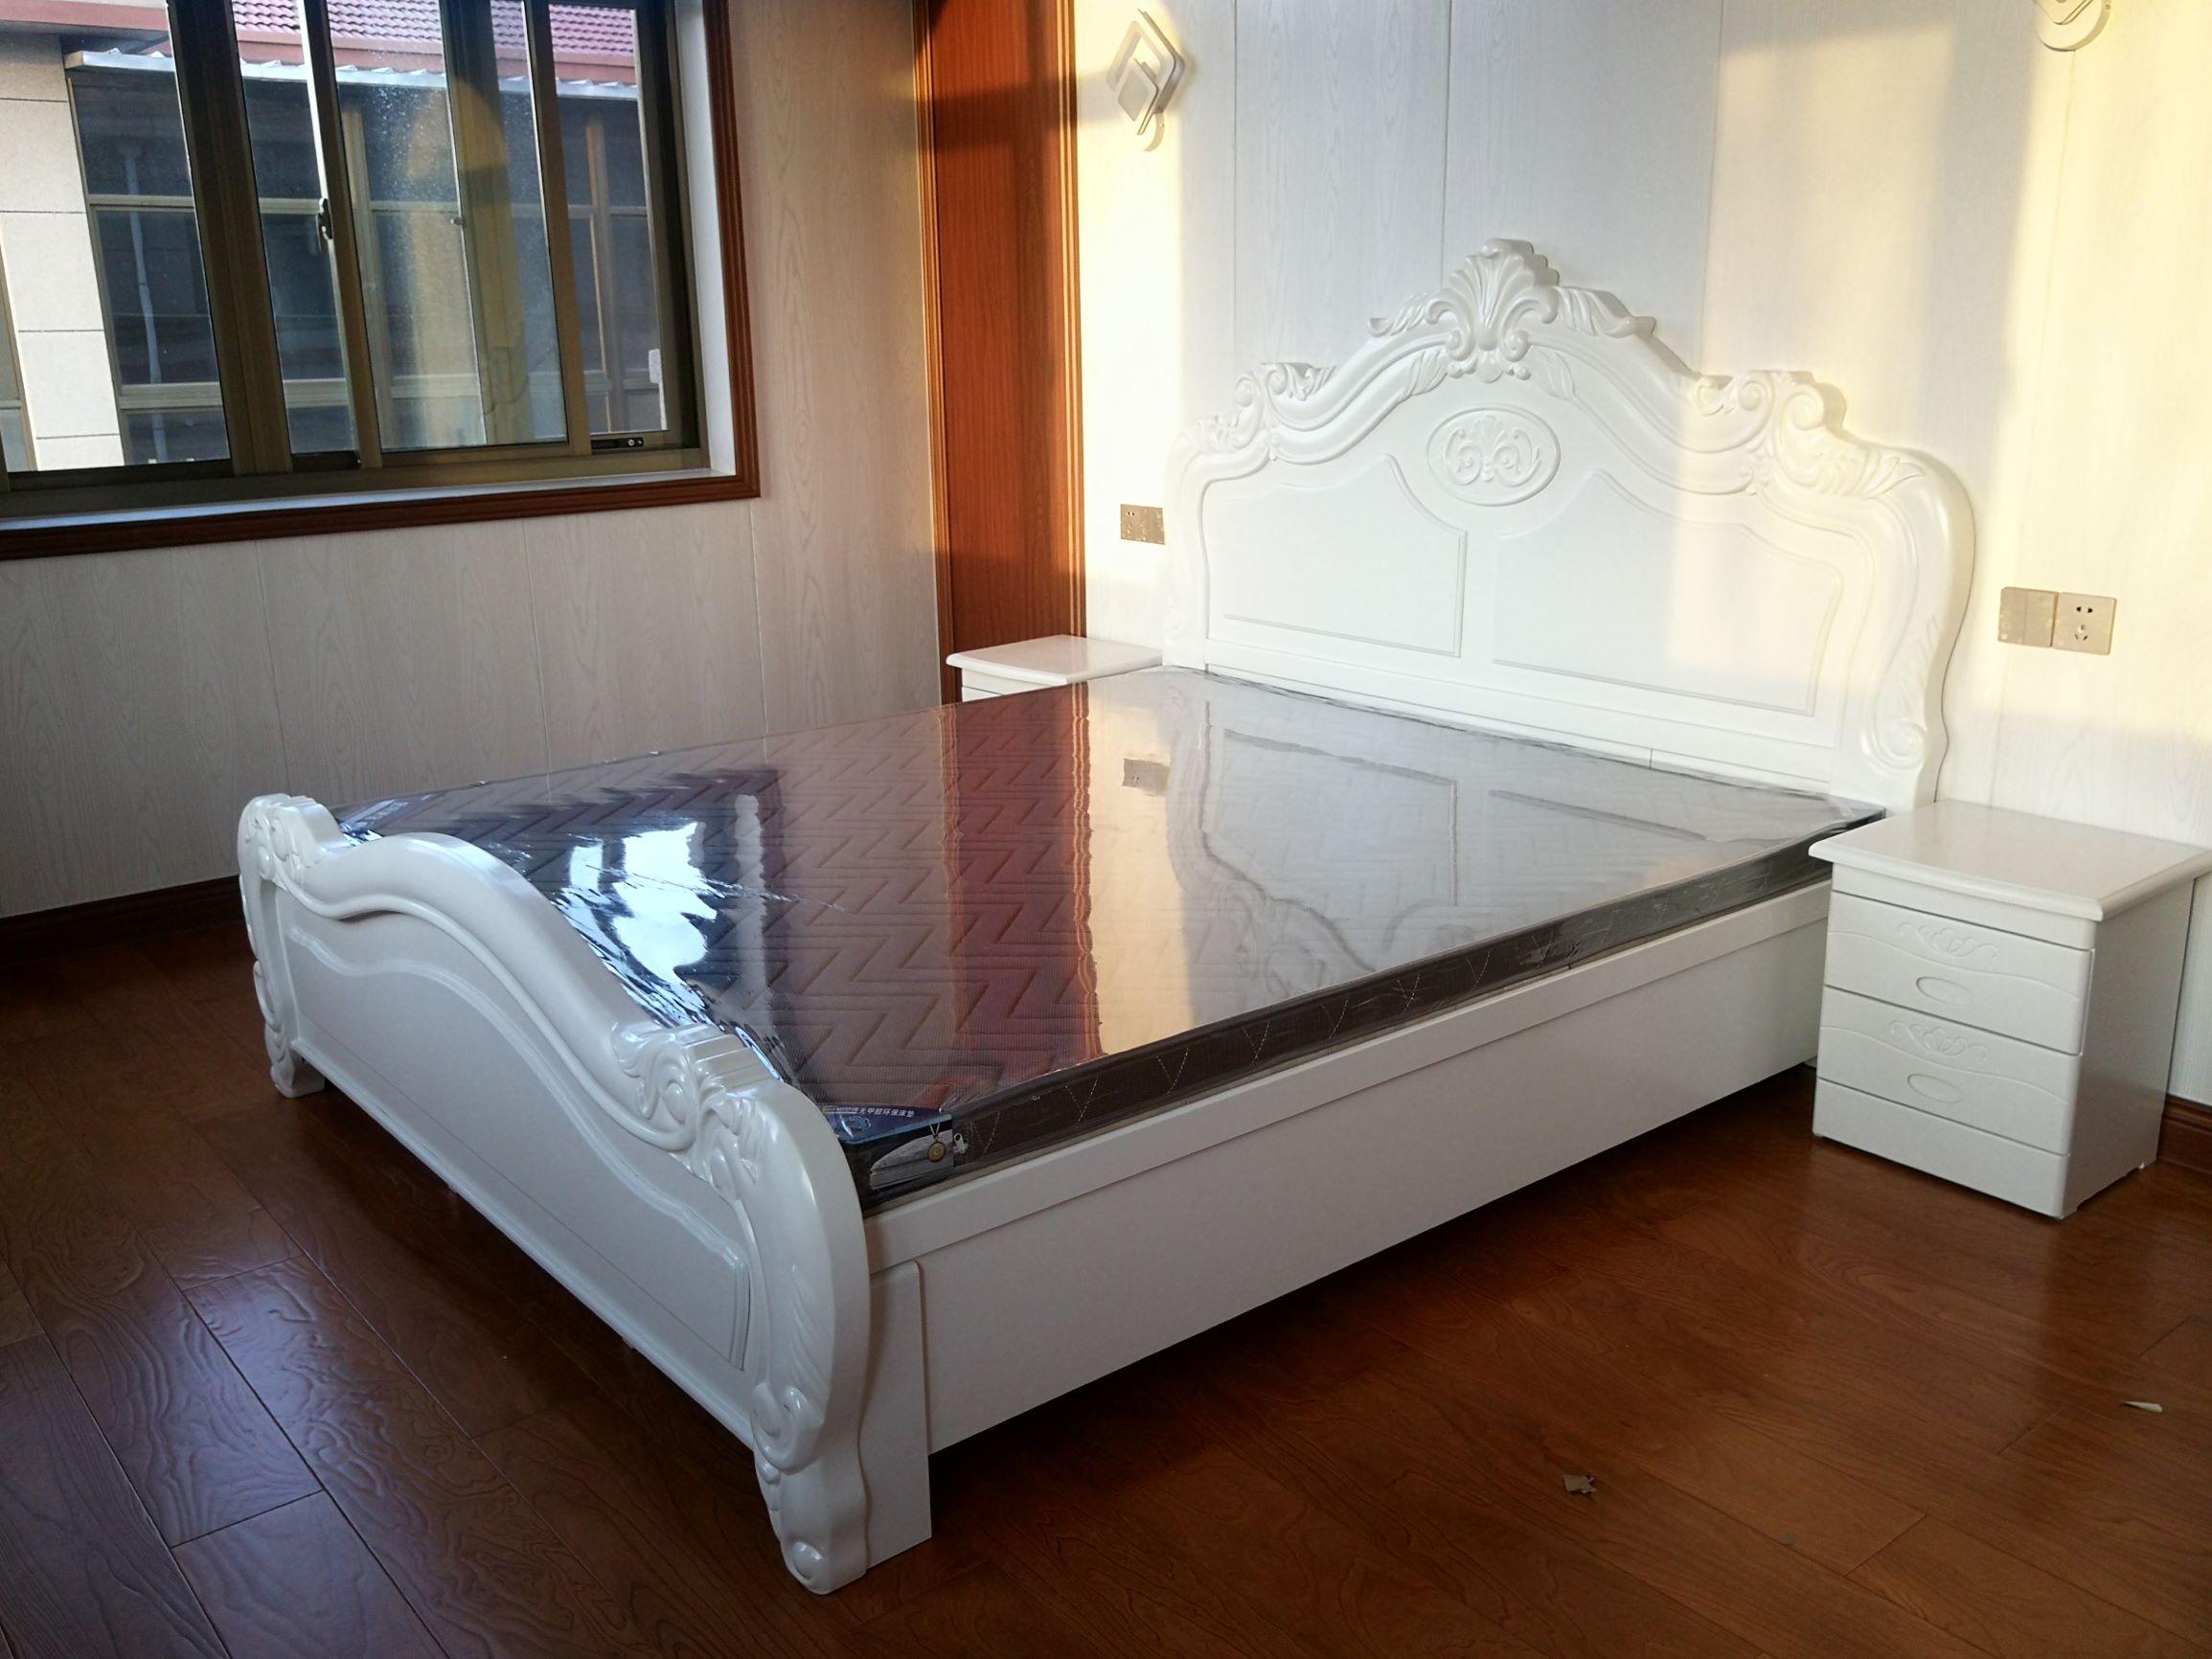 1.8米橡木床 欧式实木床